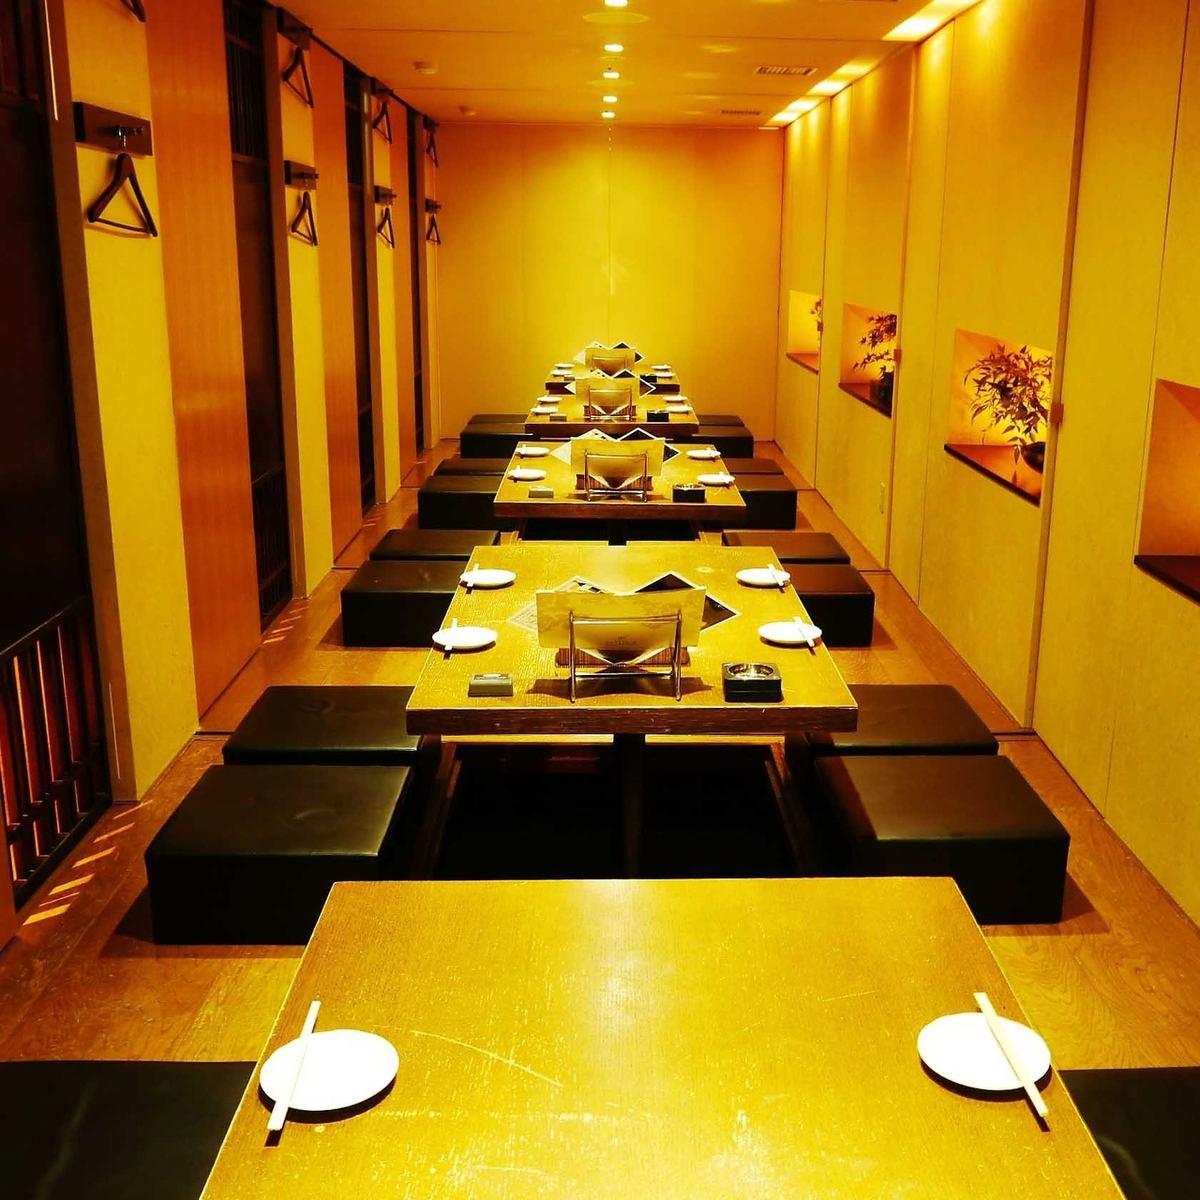 大型挖掘私人房間可容納多達40人的宴會